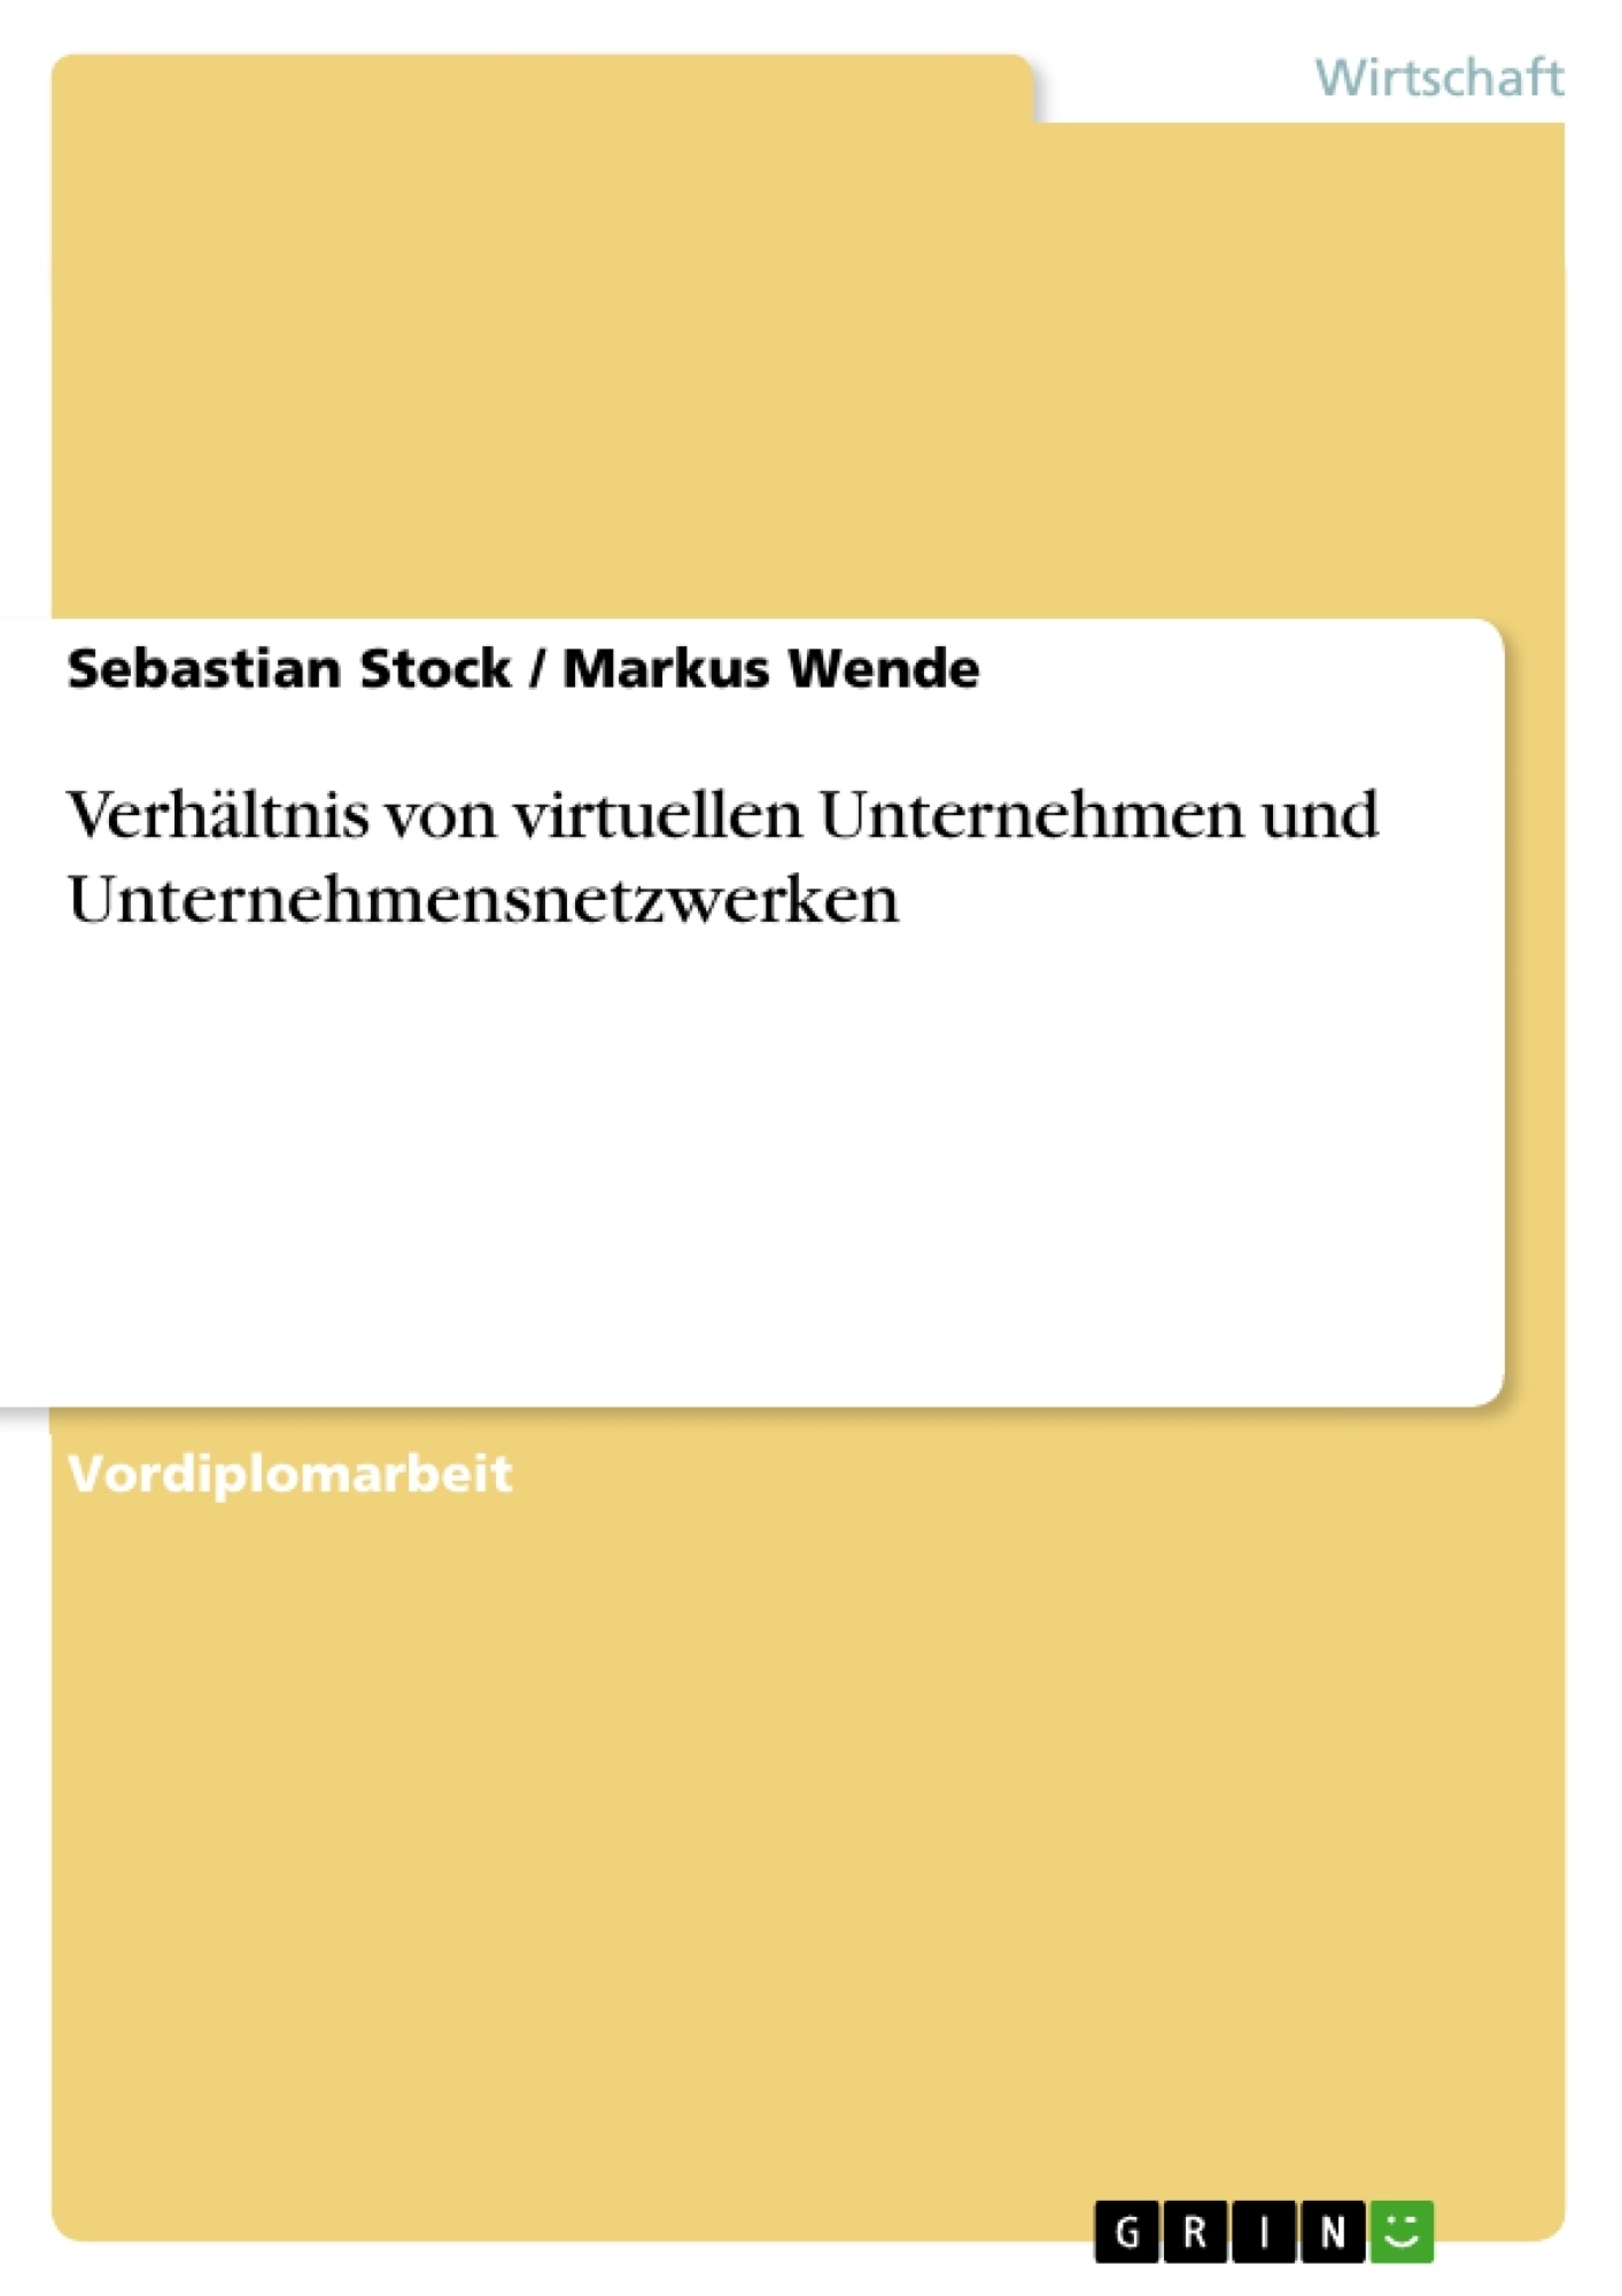 Titel: Verhältnis von virtuellen Unternehmen und Unternehmensnetzwerken